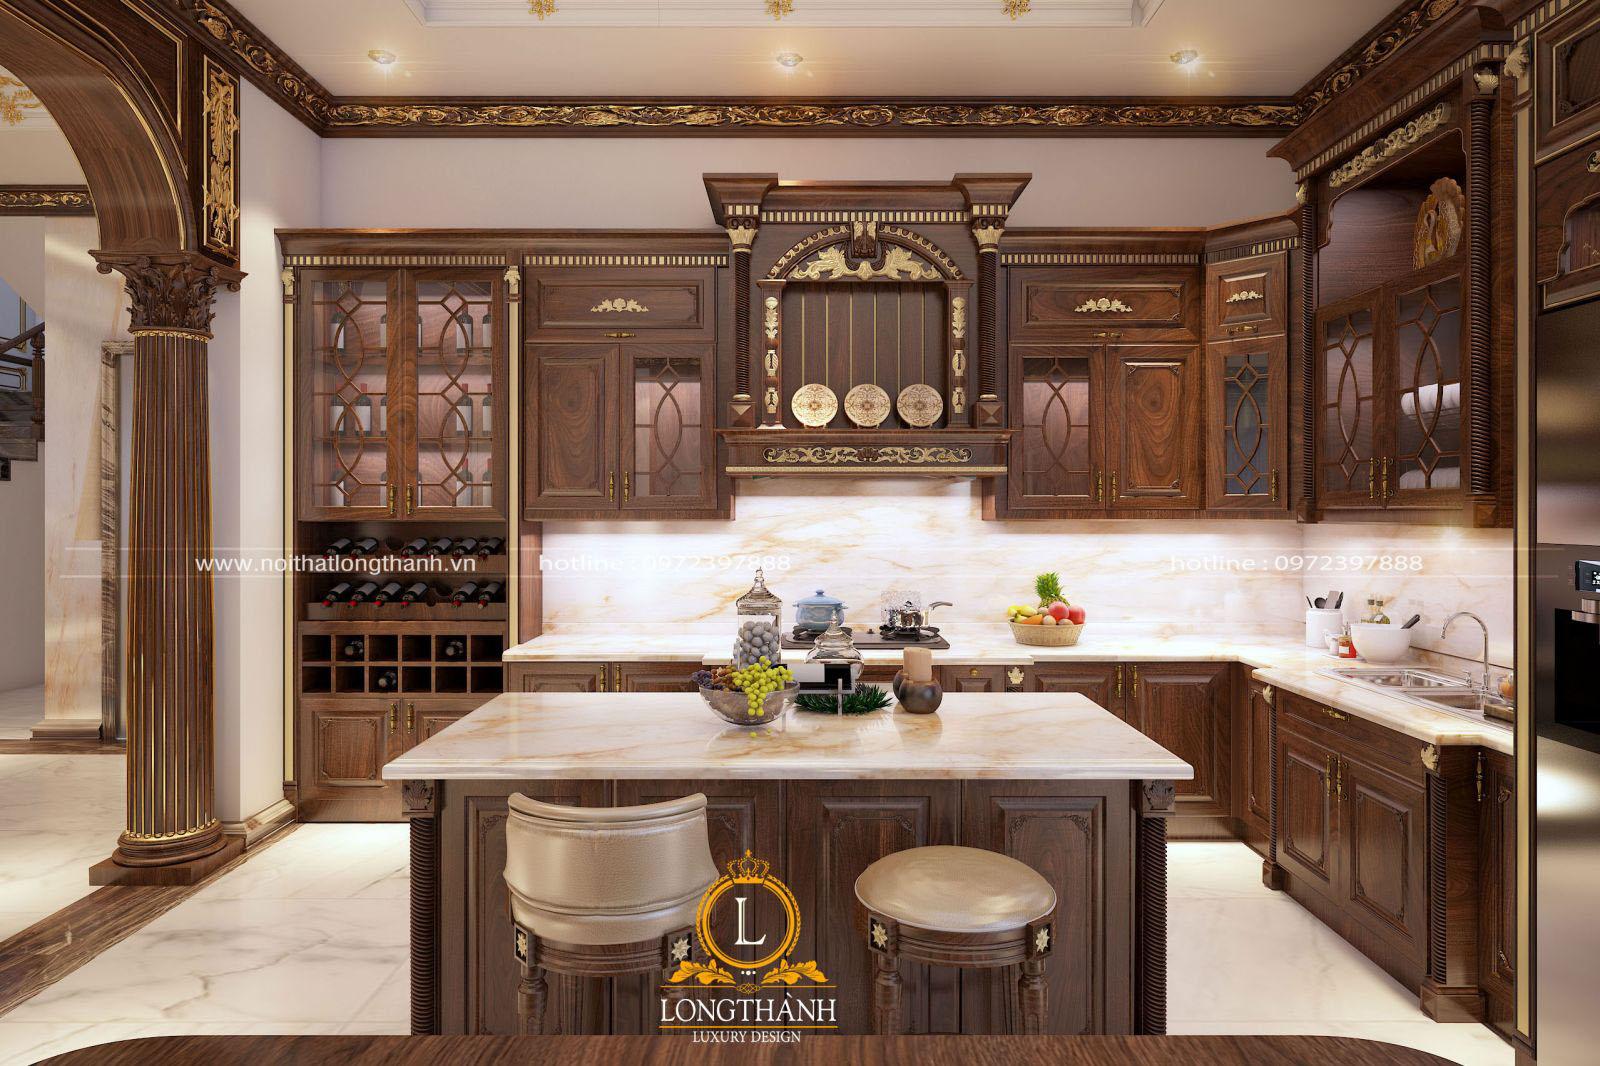 Thiết kế tủ bếp gỗ Sồi kèm tủ rượu và bàn đảo